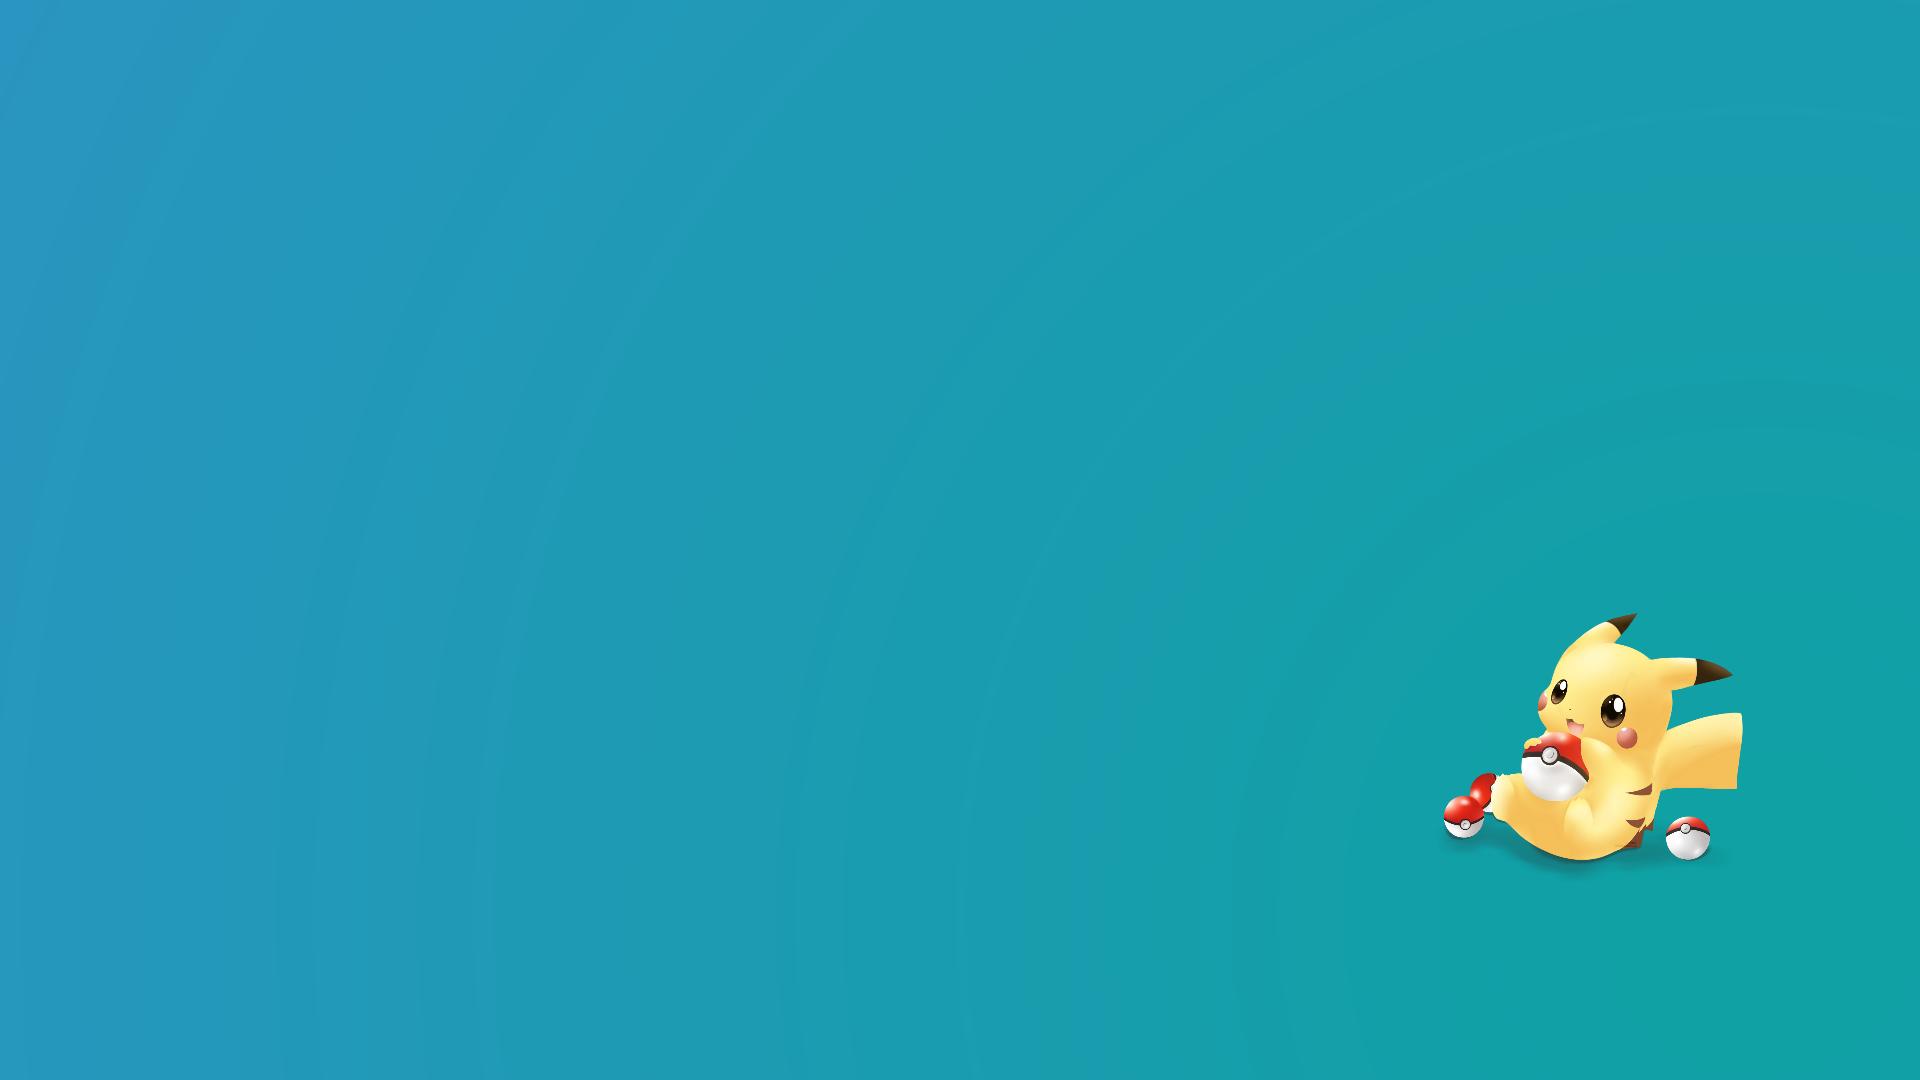 超萌可爱的皮卡丘图片安卓手机壁纸